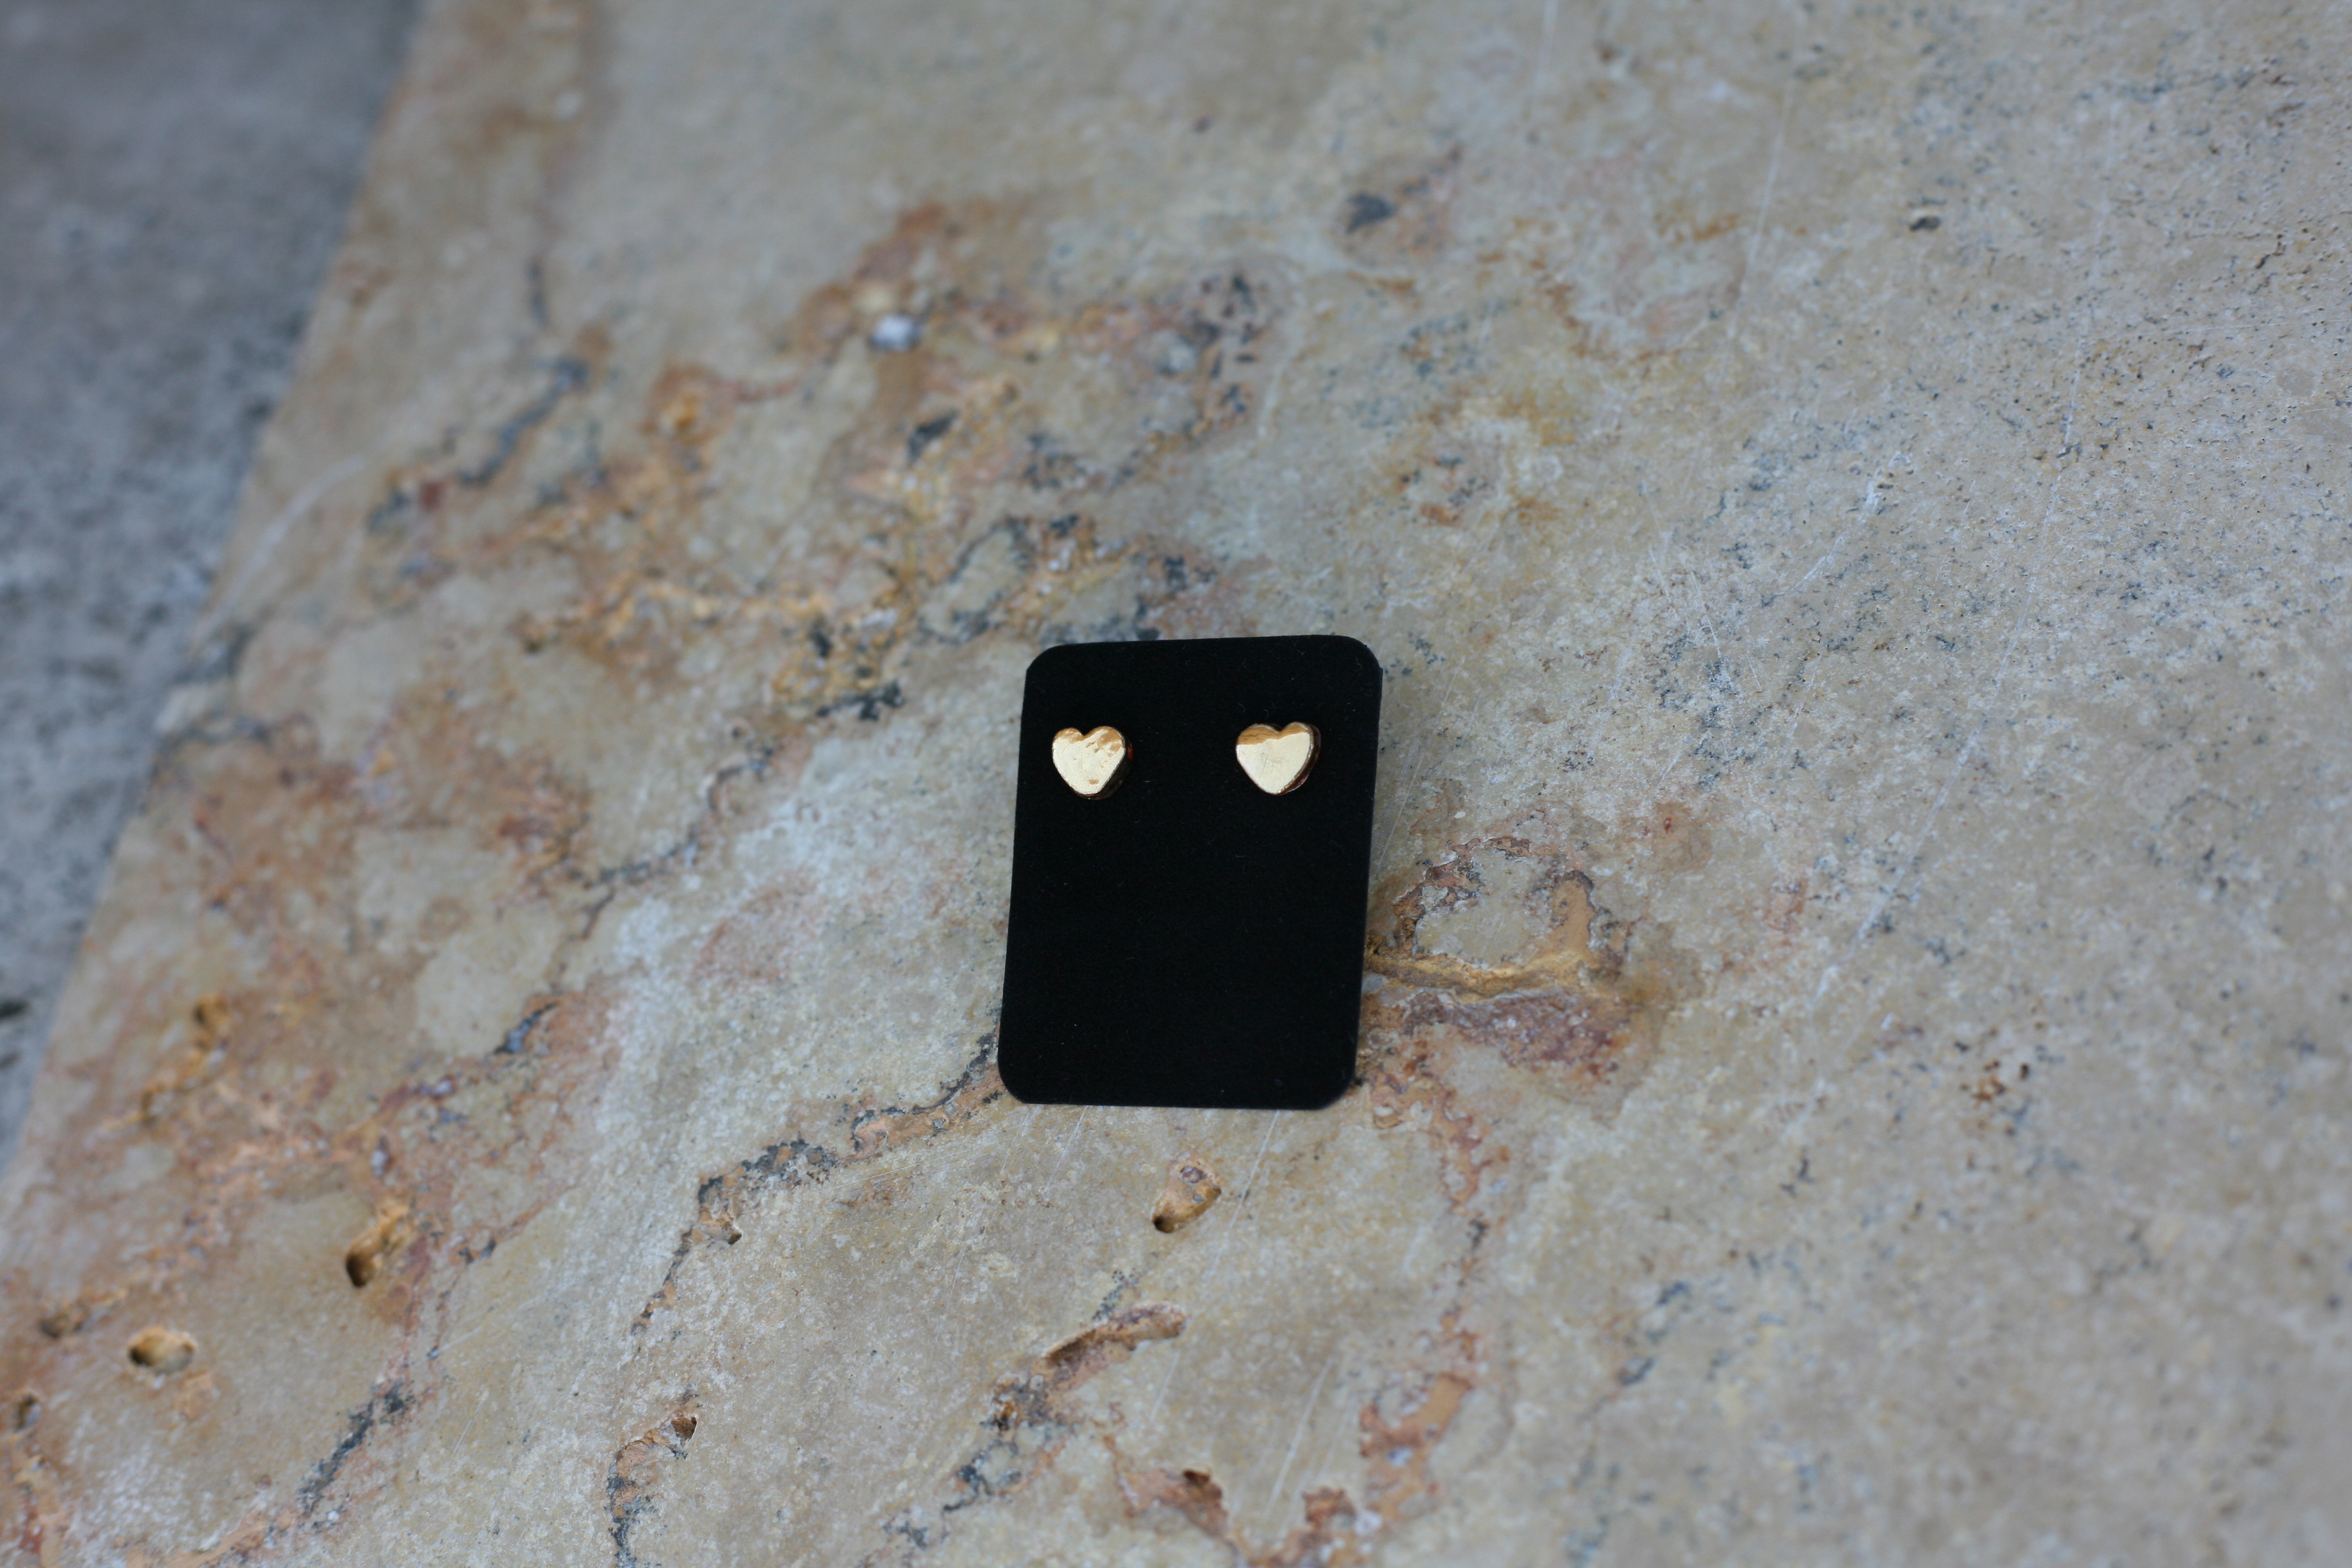 Coppia di orecchini a forma di cuore fatti a mano in ceramica e lustro oro su supporto in velluto nero e sfondo pietra.